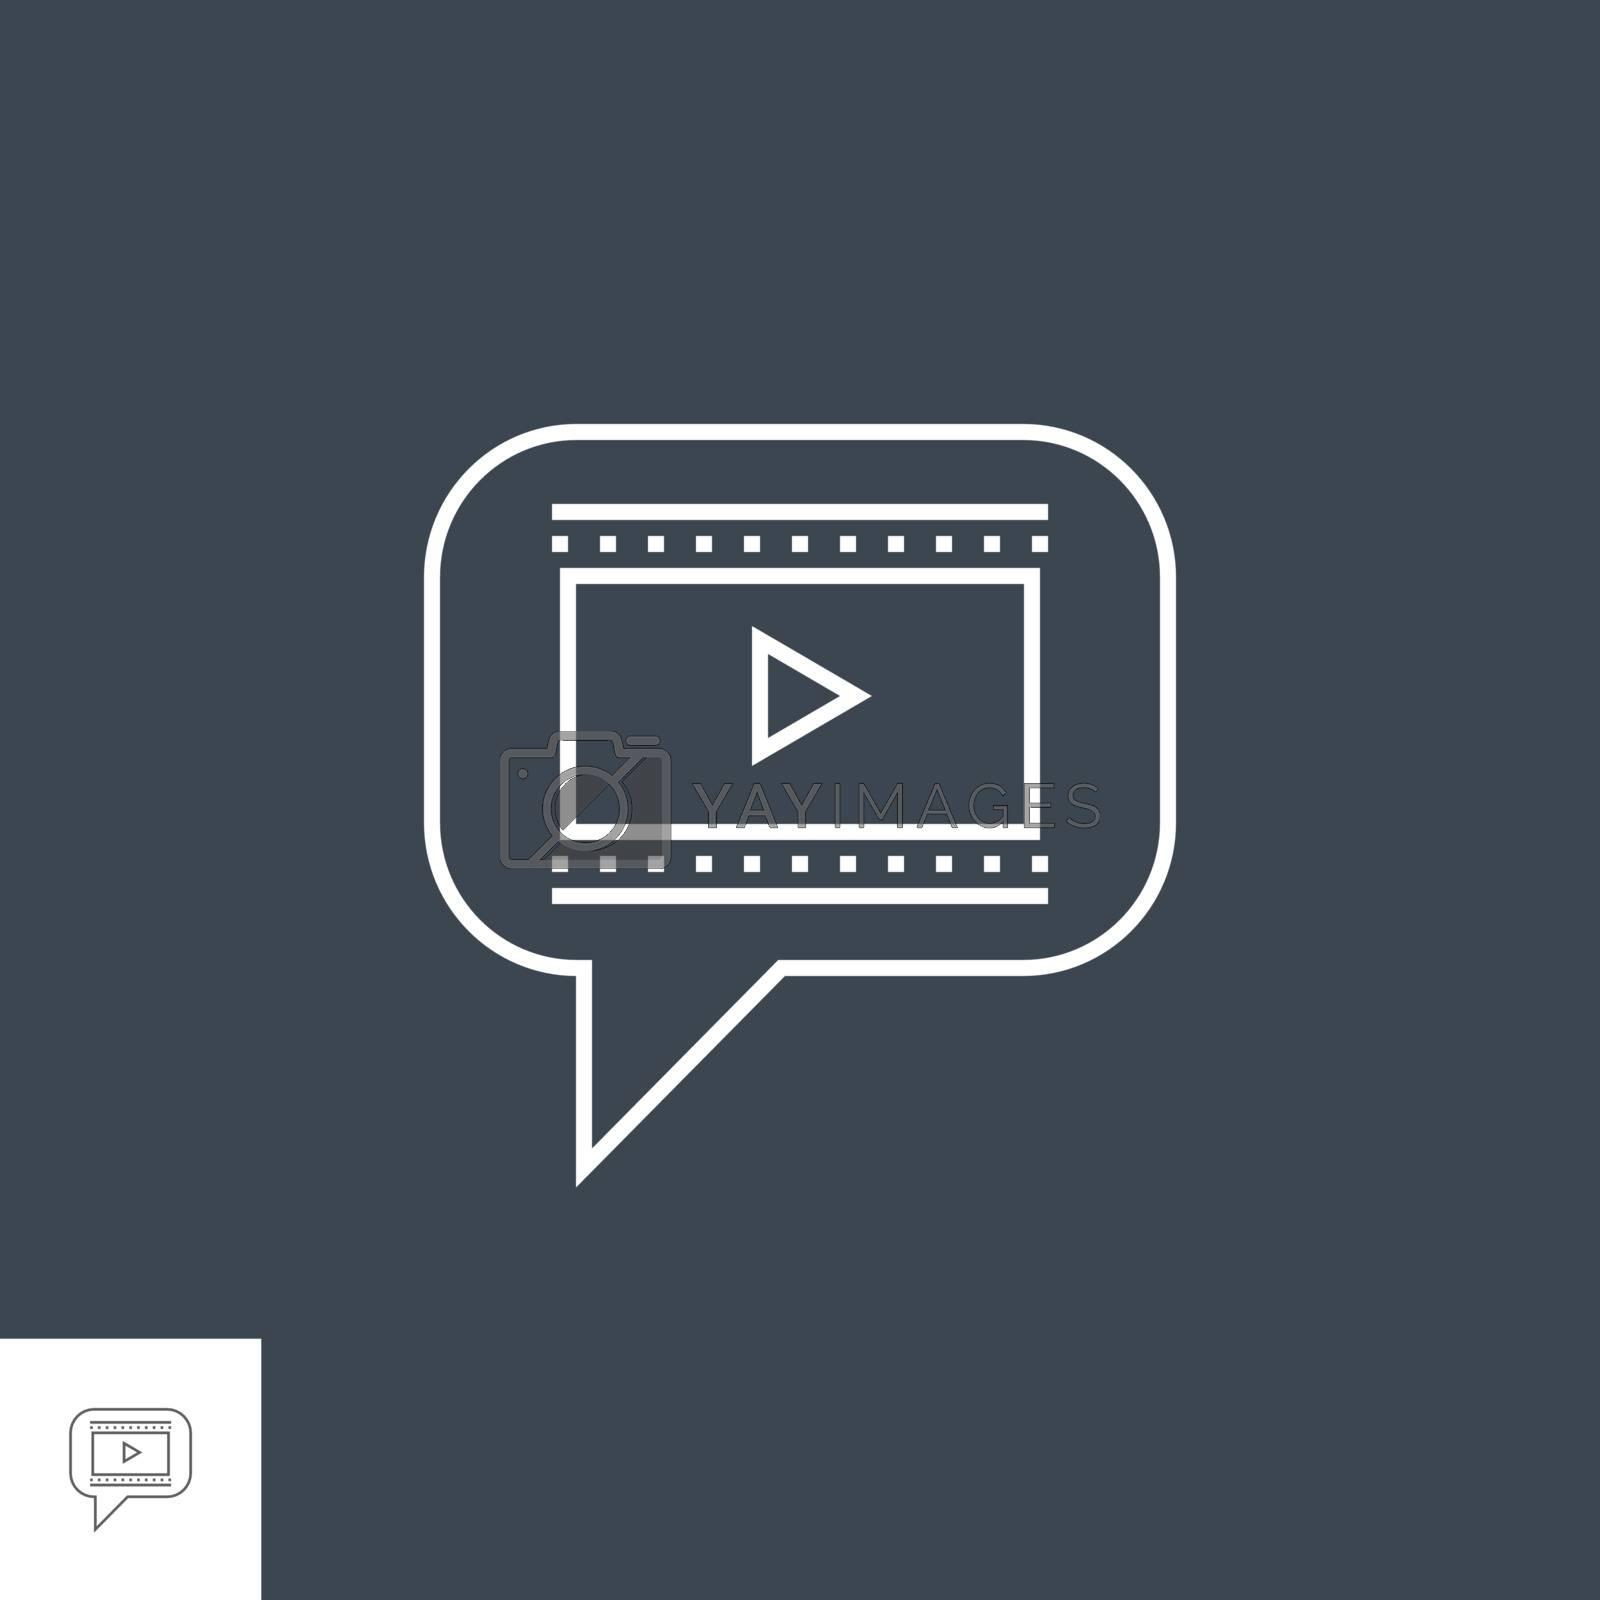 Video Marketing Line Icon by smoki